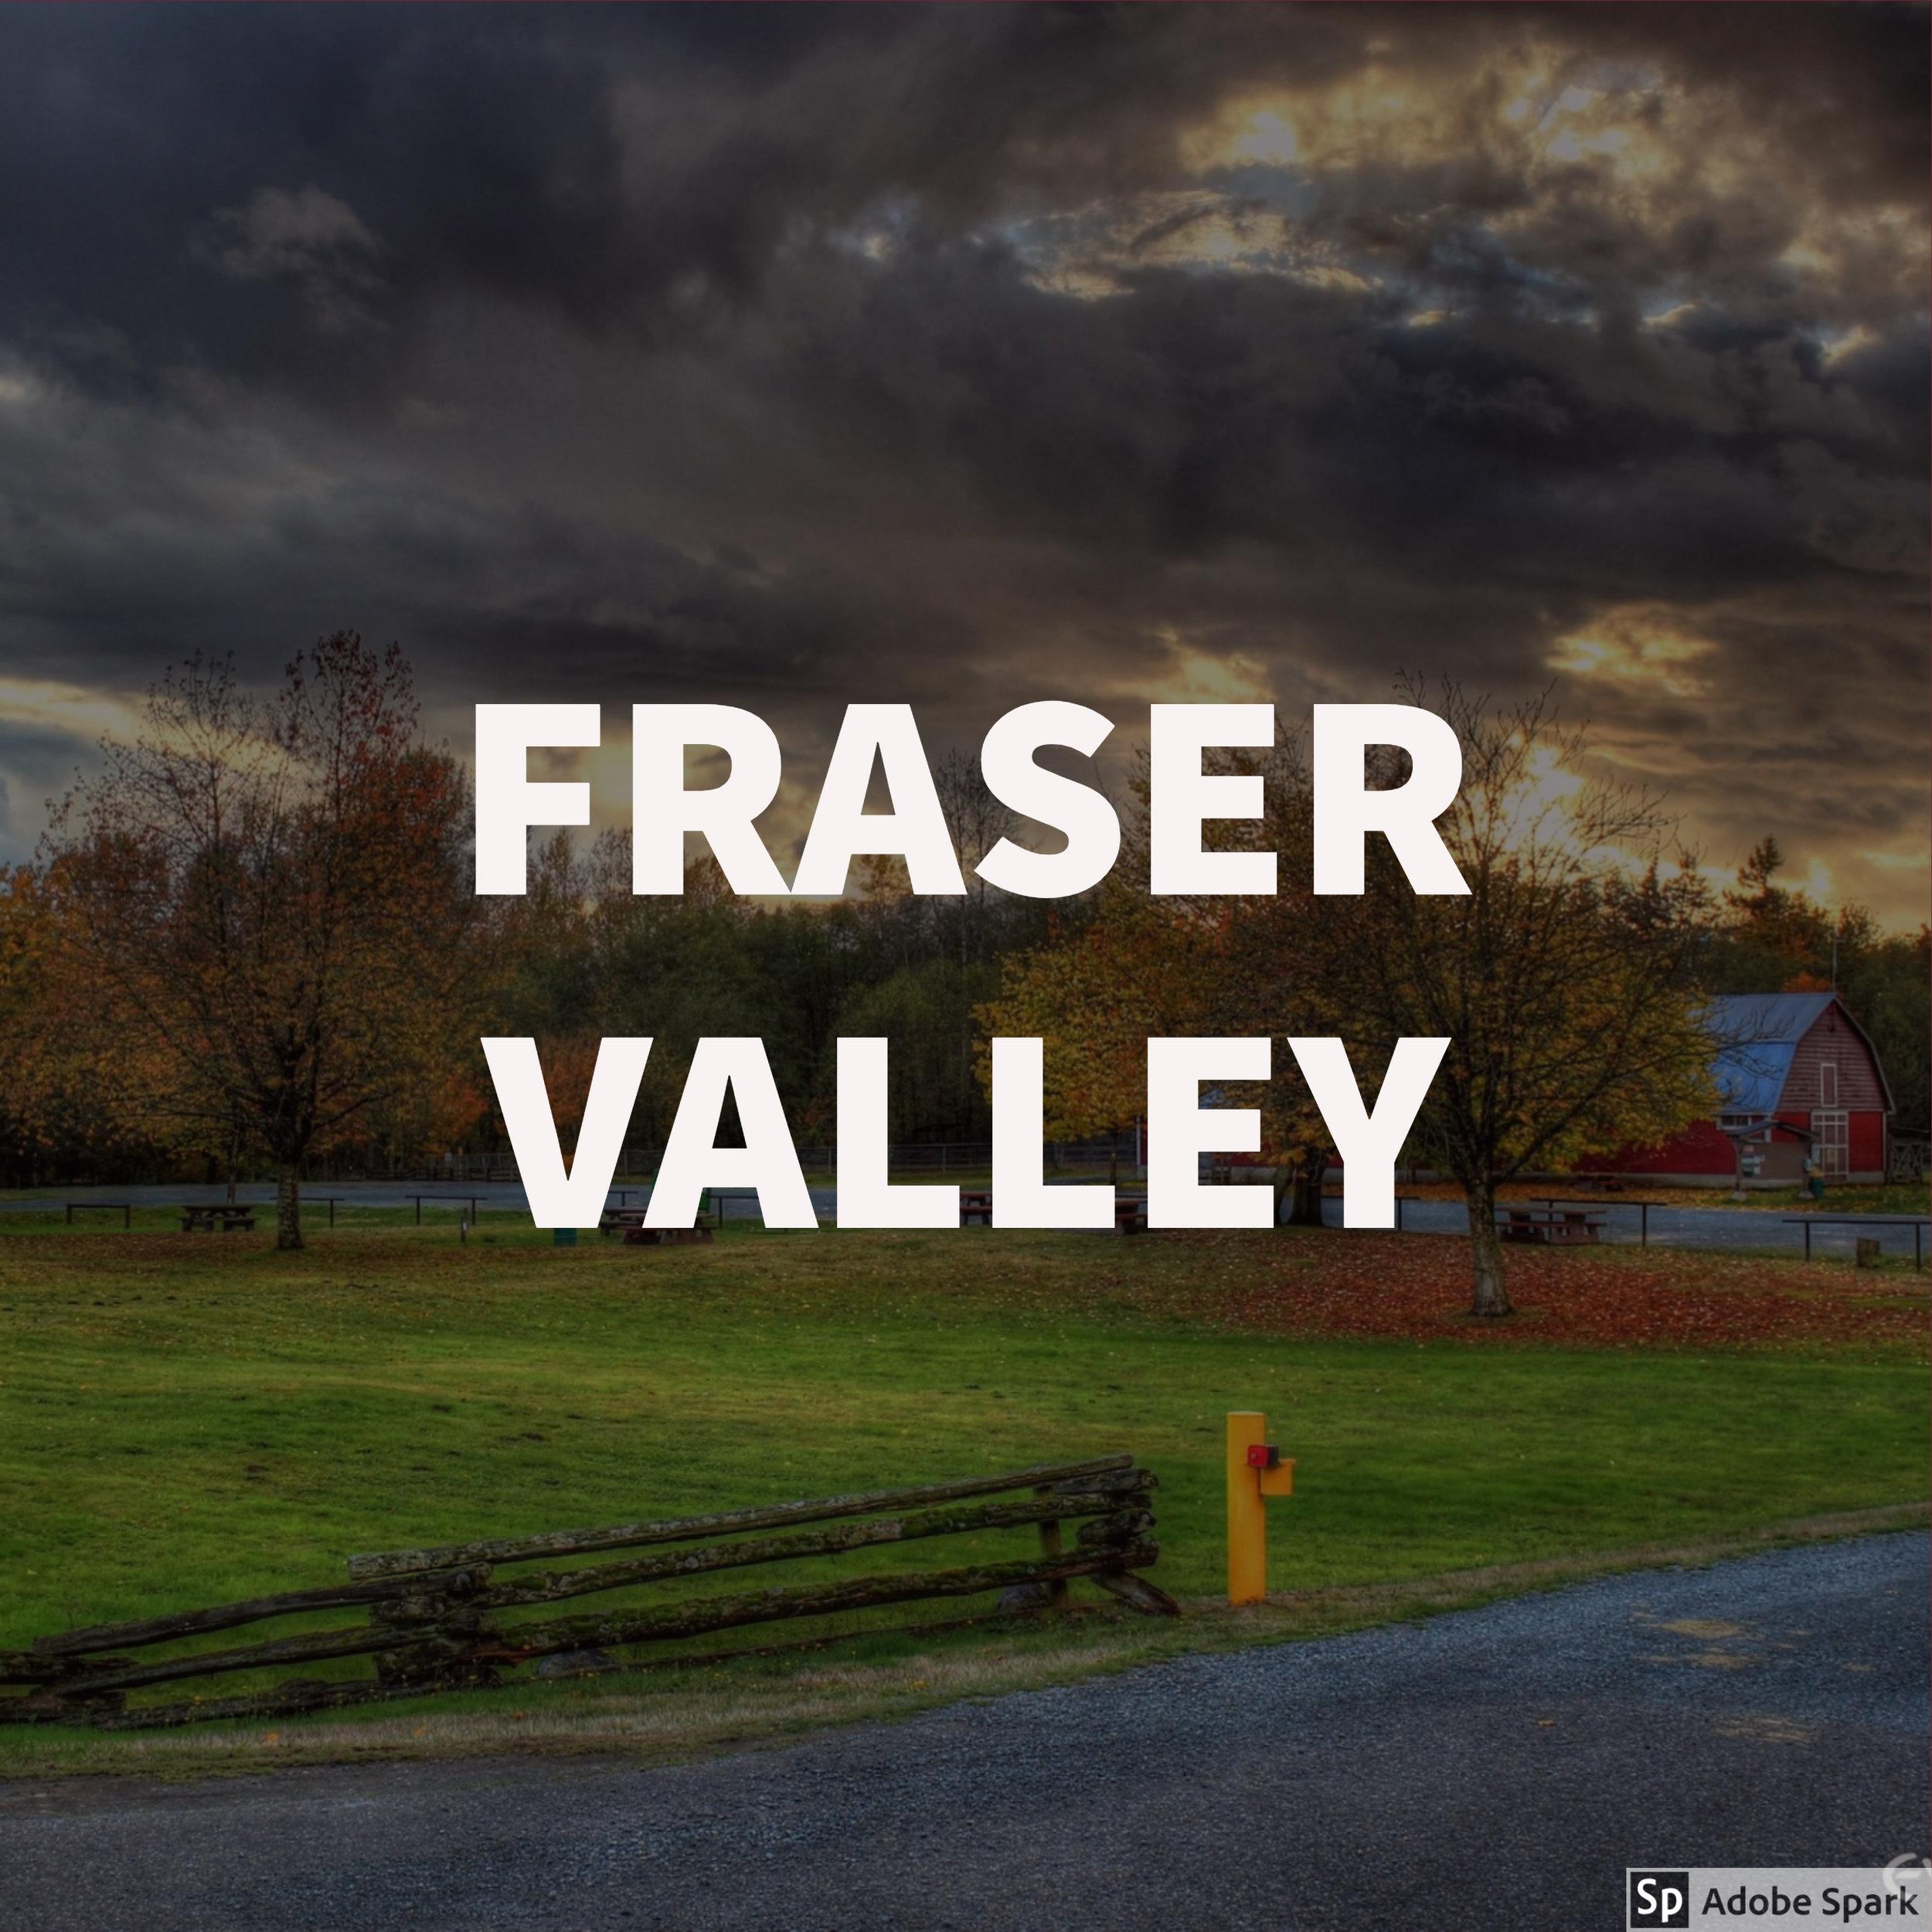 Fraser Valley.jpg